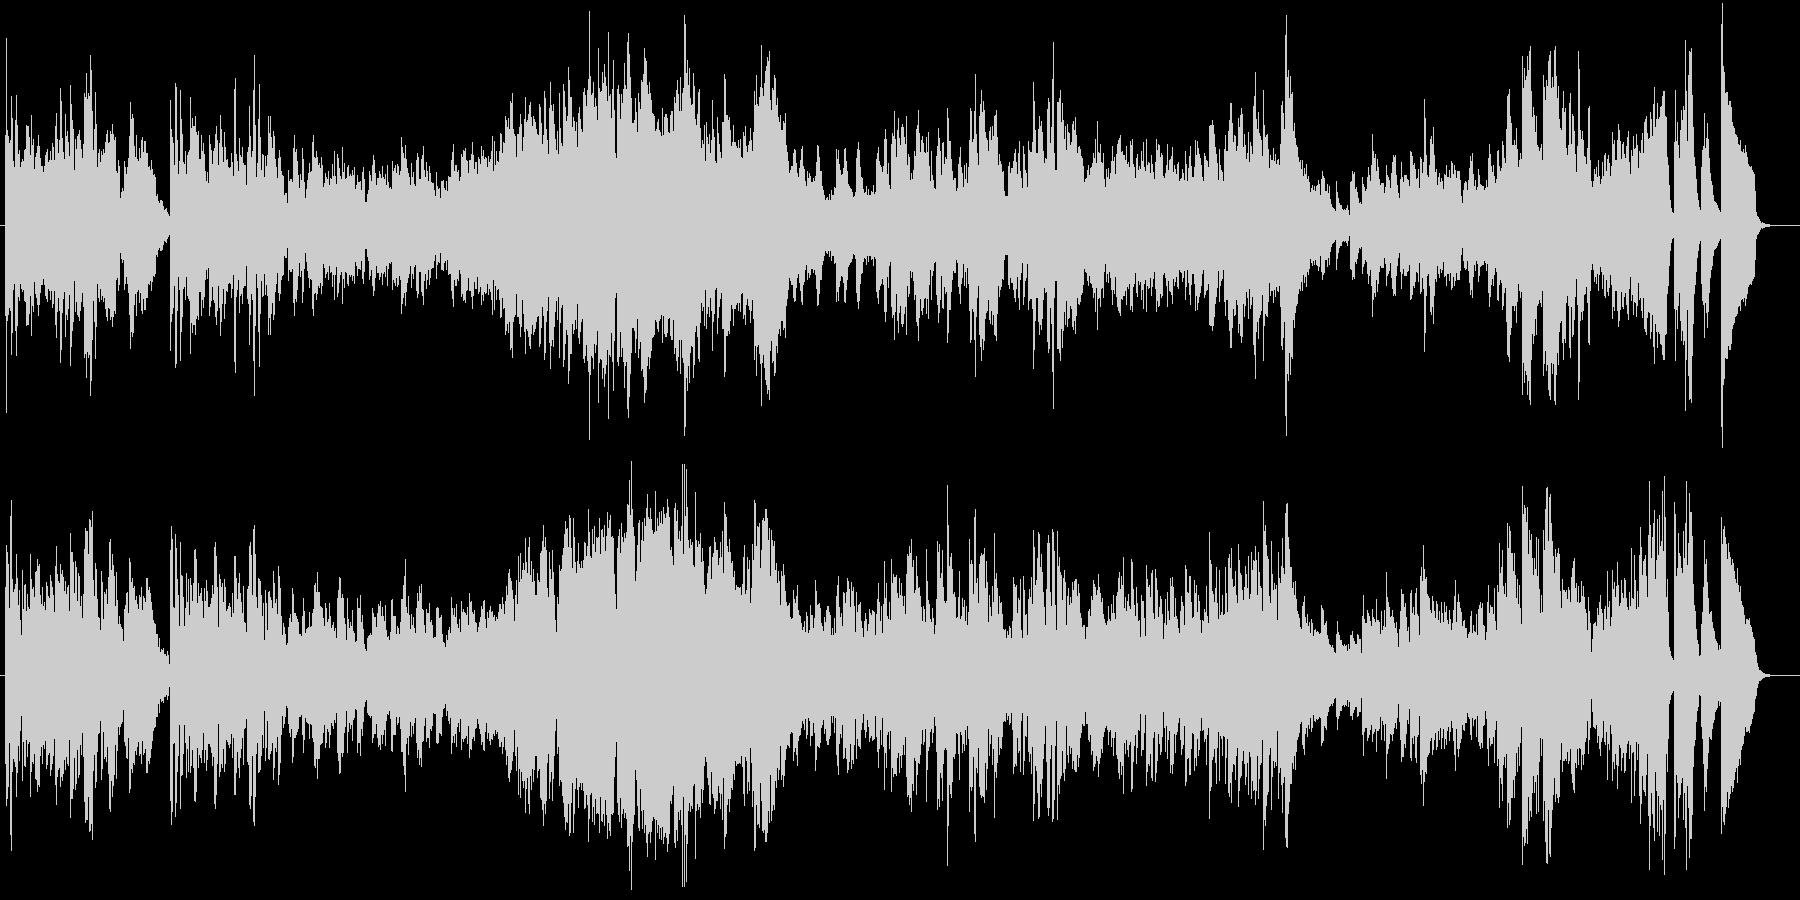 黒鍵のエチュードの未再生の波形